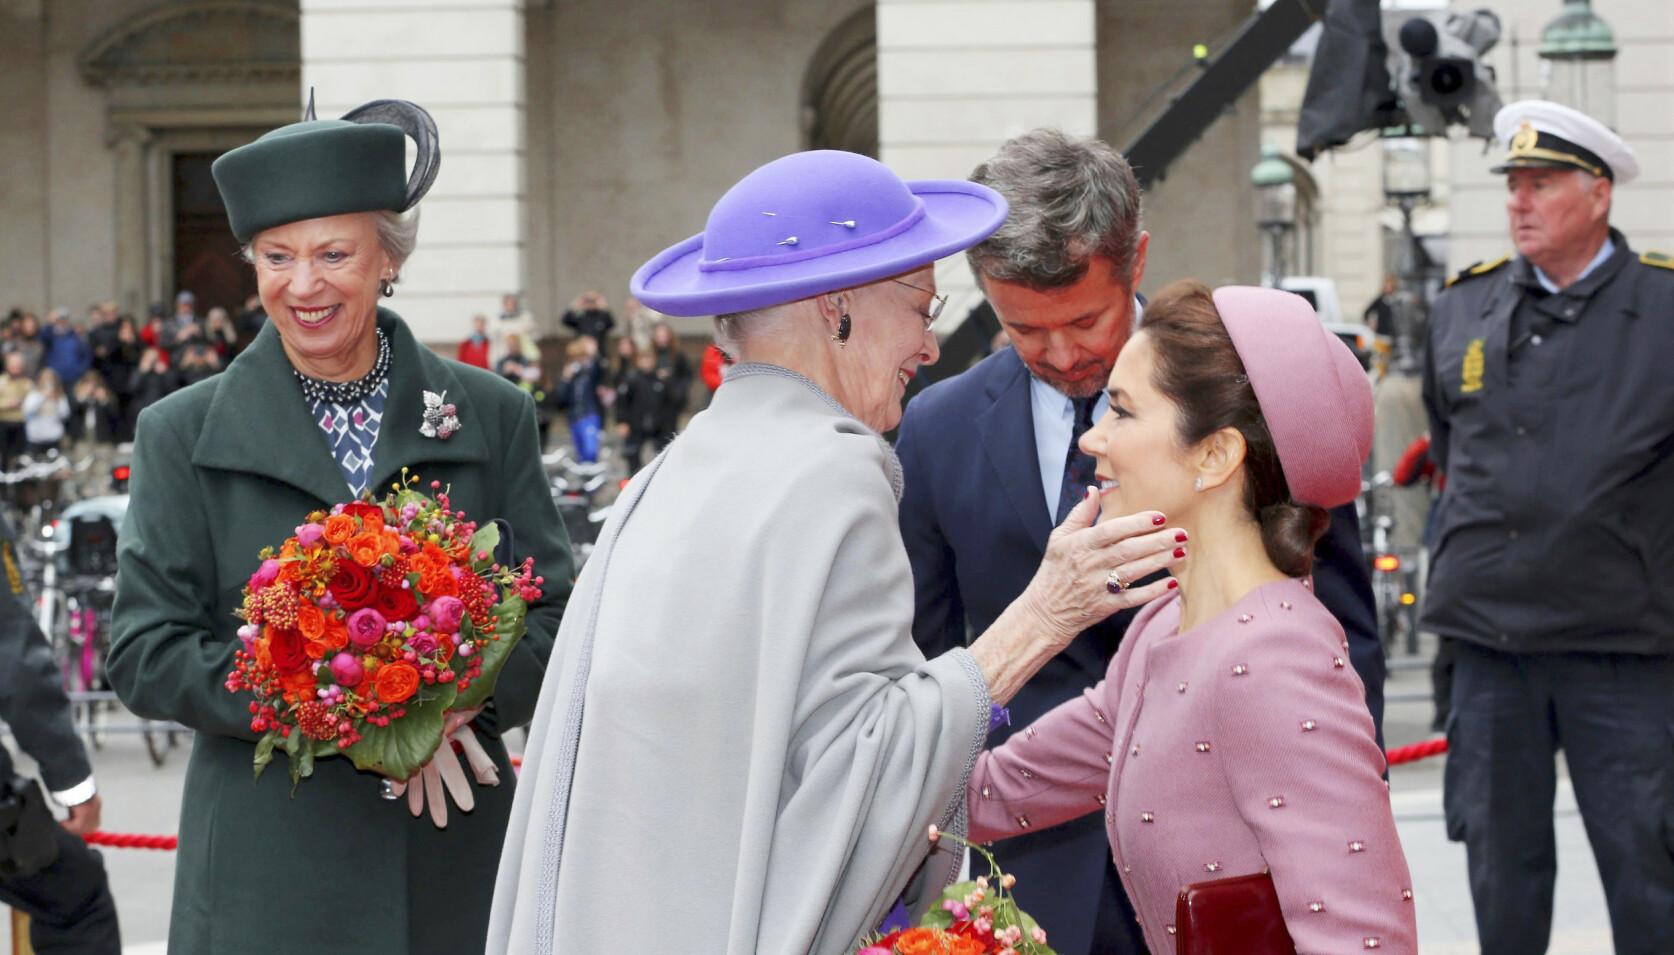 ARVTAKER: Kronprinsesse Mary er svært bevisst på at hun en dag skal ta over for dronning Margrethe (80). Ifølge ekspertene vil hun ikke ha noen konkurranse om oppmerksomheten. FOTO: NTB